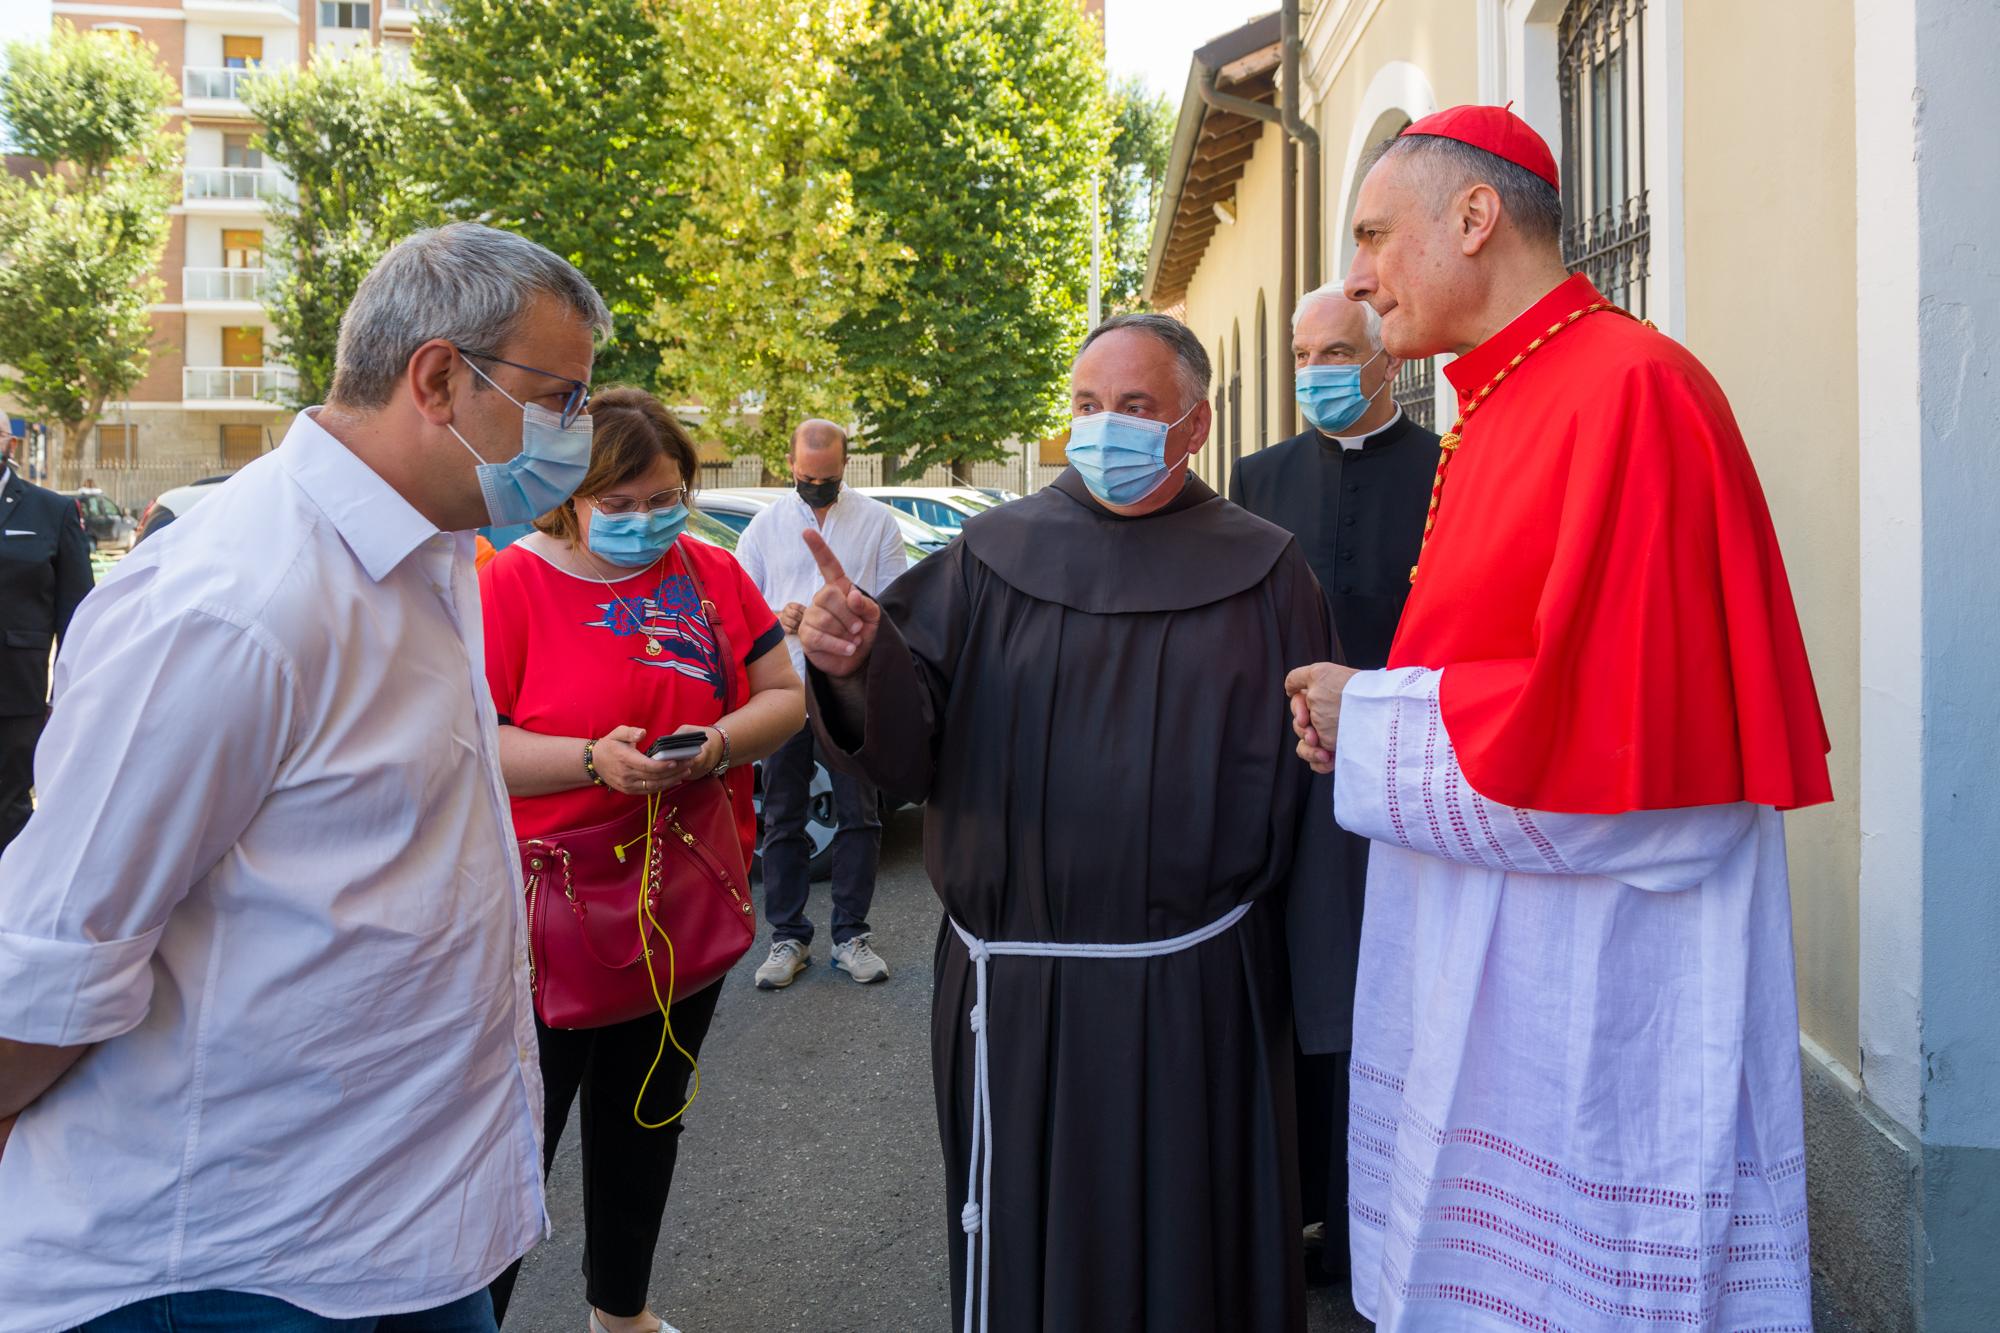 29-agosto-2021-pontificale-10.30-MdG-–-FOTO_mdg_-298